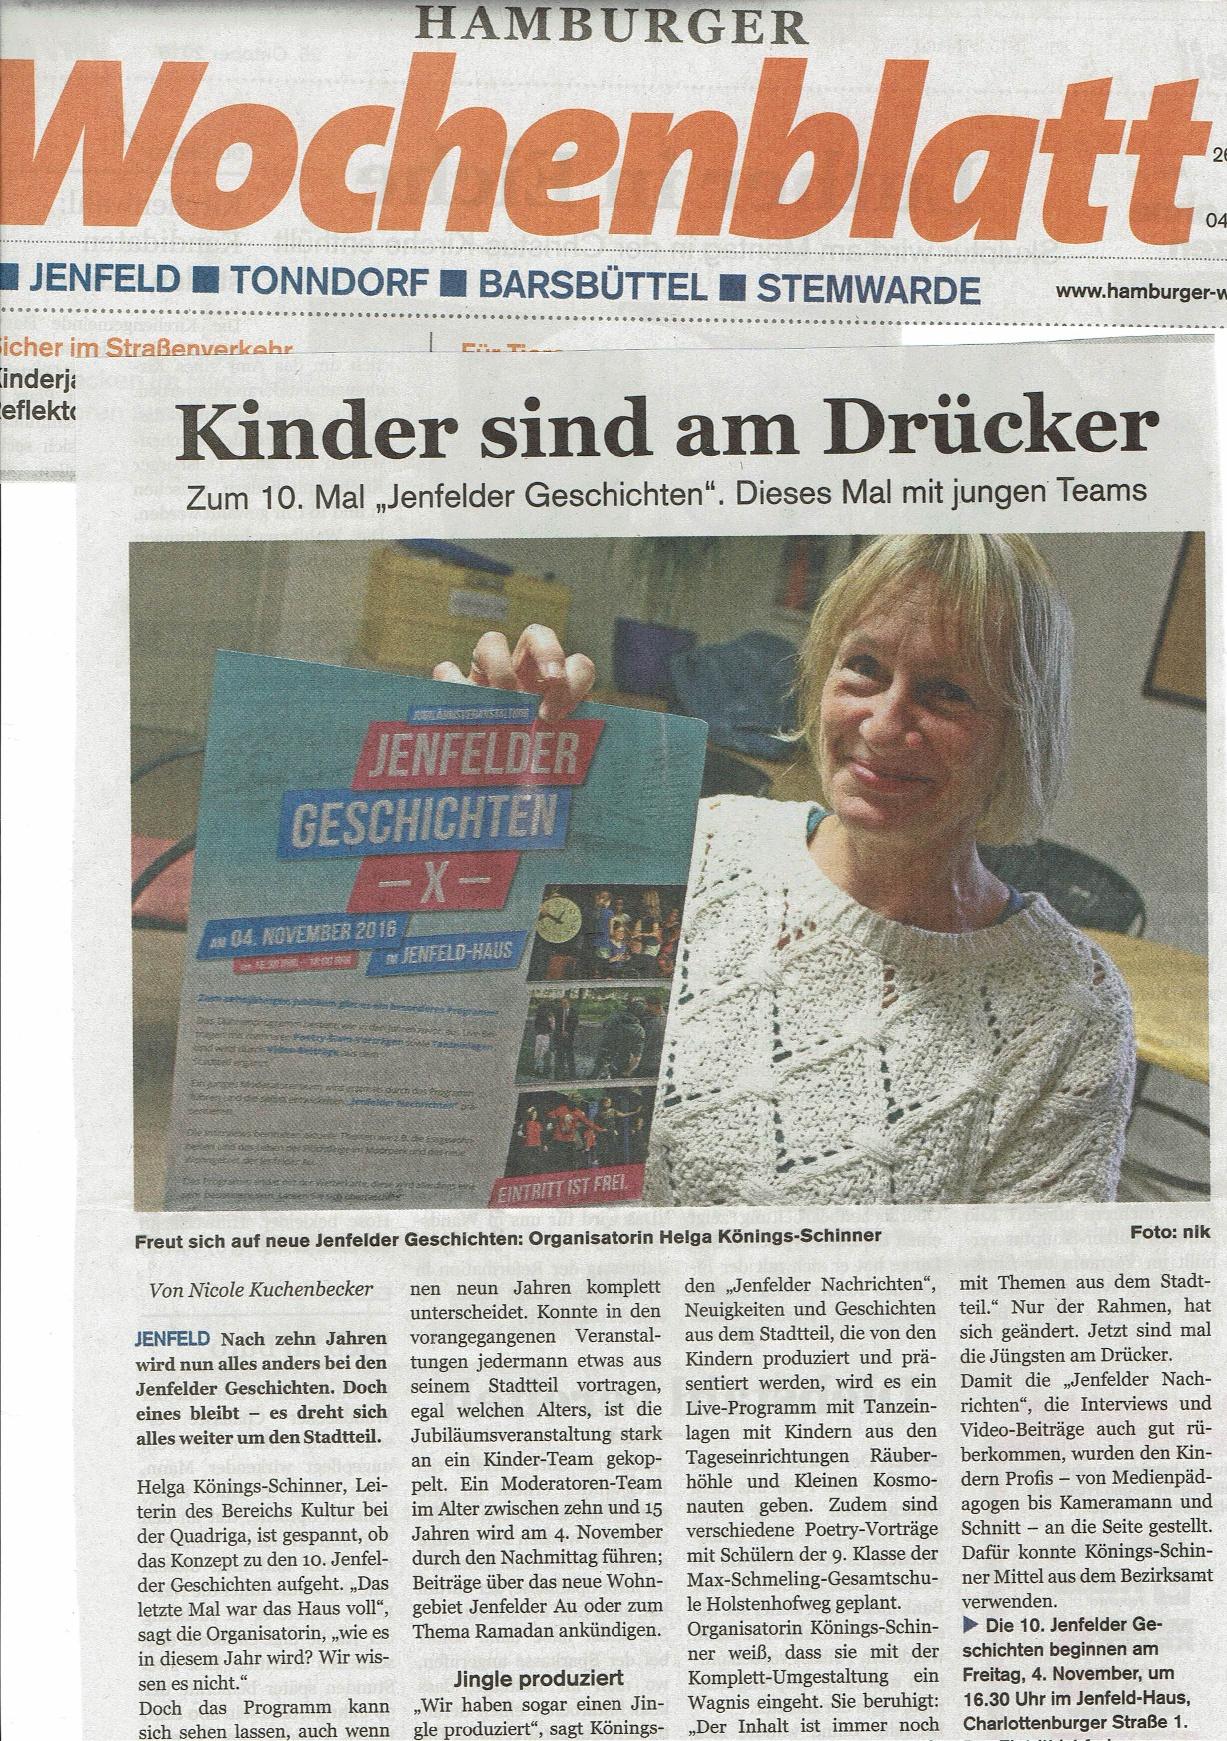 Artikel_Wochenblatt_v._26.10.16 - Kopie